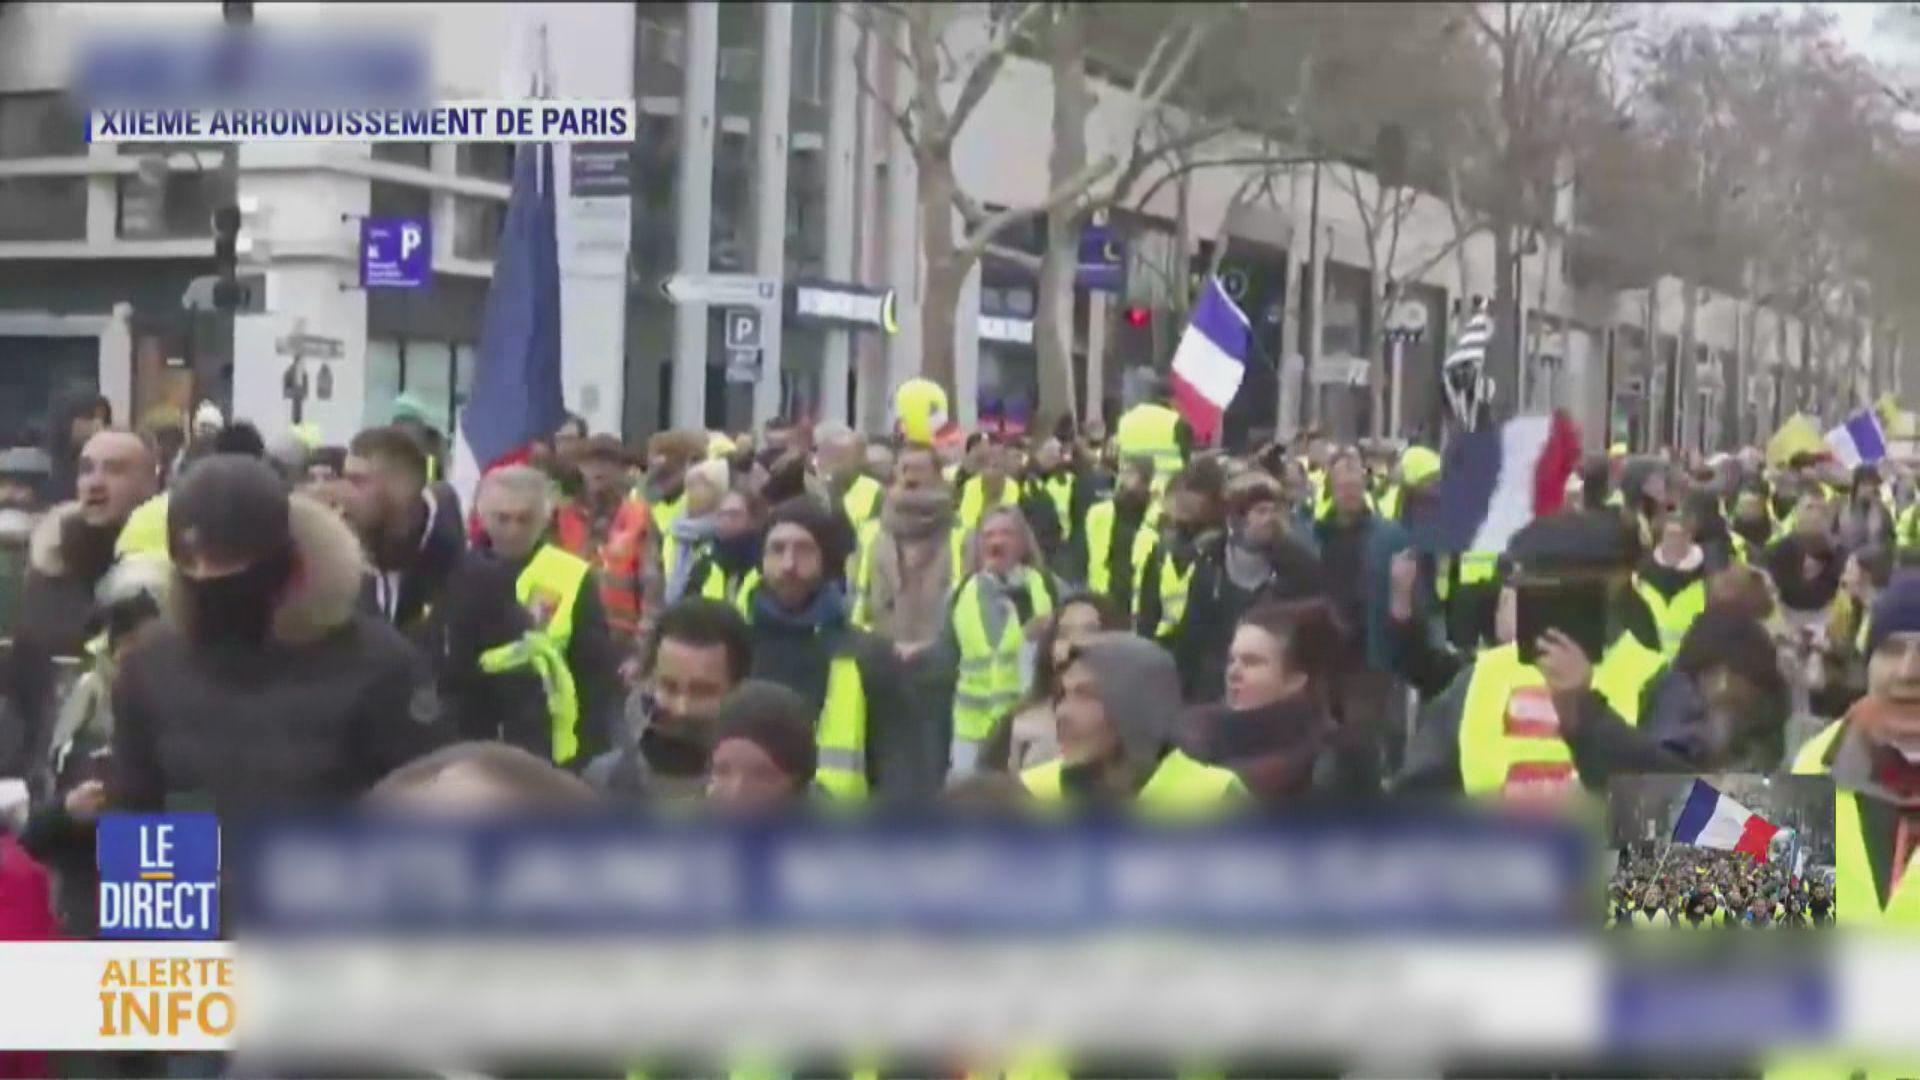 法國再有黃背心示威者上街 多人被捕